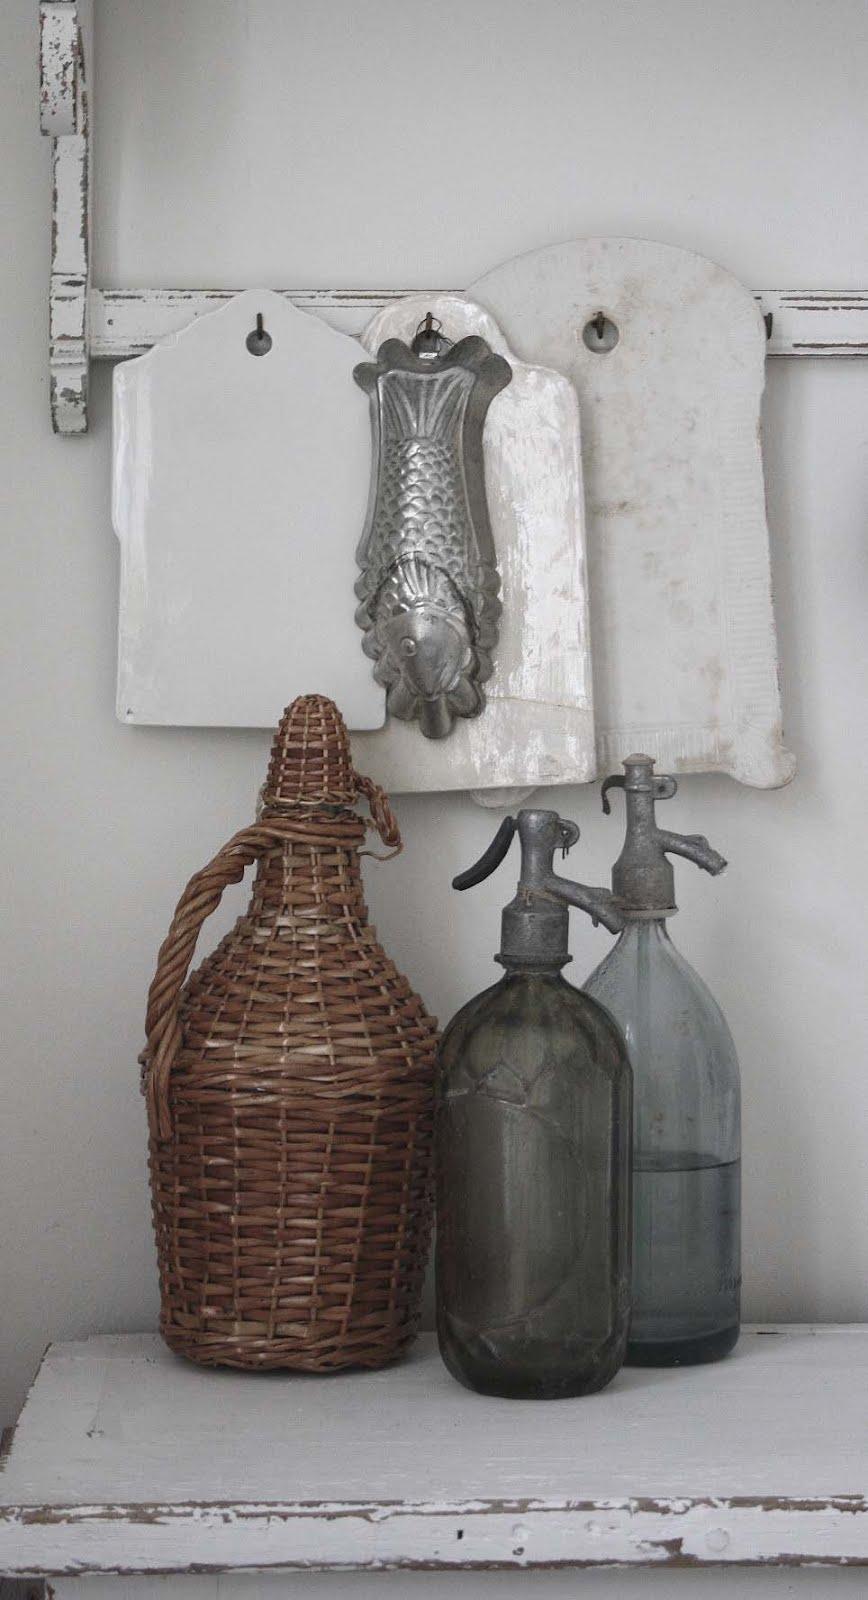 Moderna Koksmobler : vita koksmobler  Flaskan klodd i korg or ett loppisfynd fron